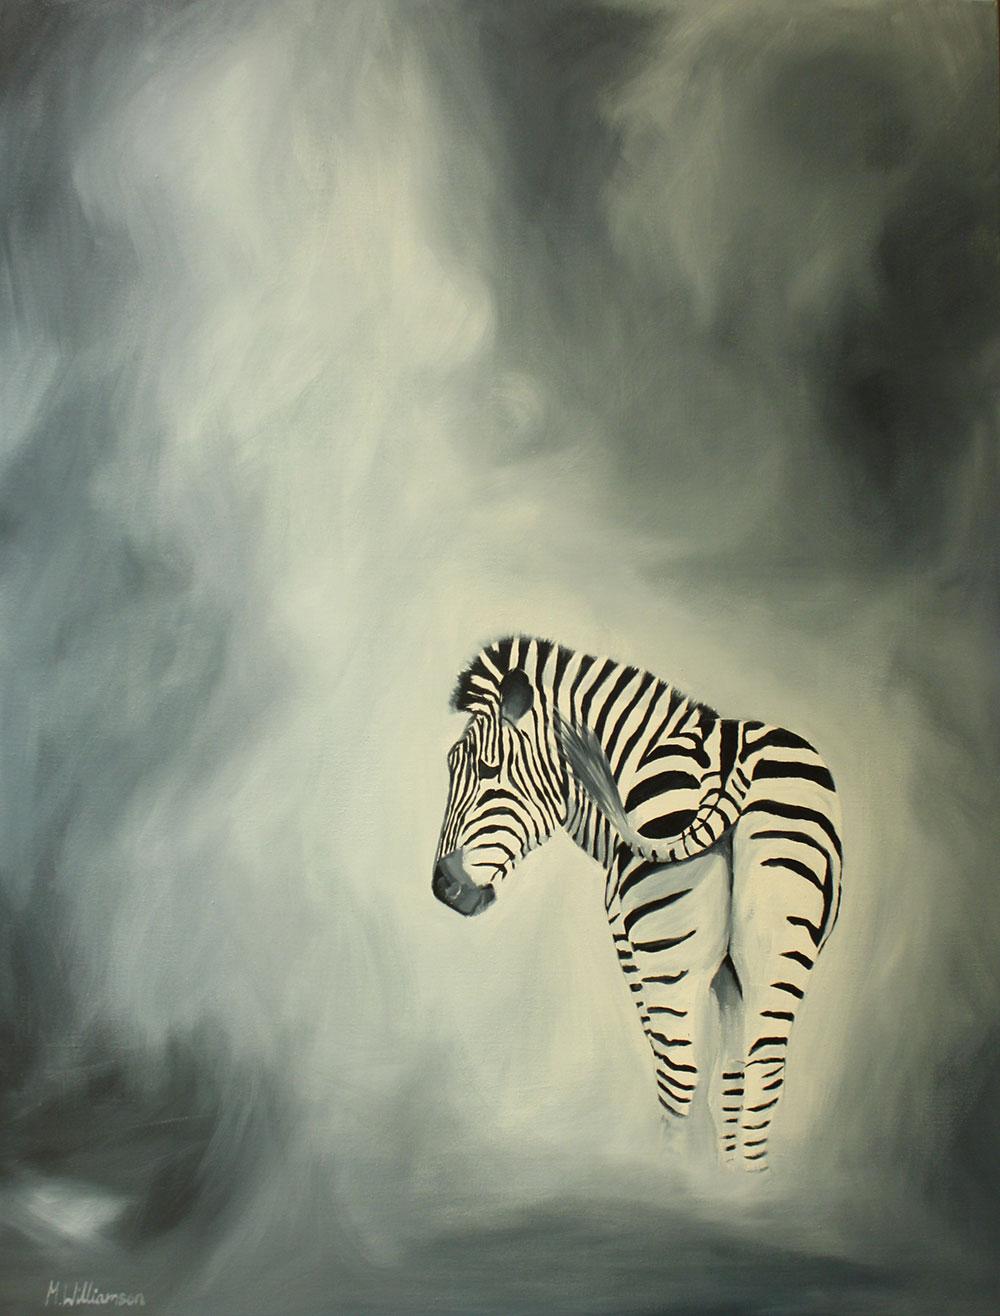 zebra-in-the-mist.jpg